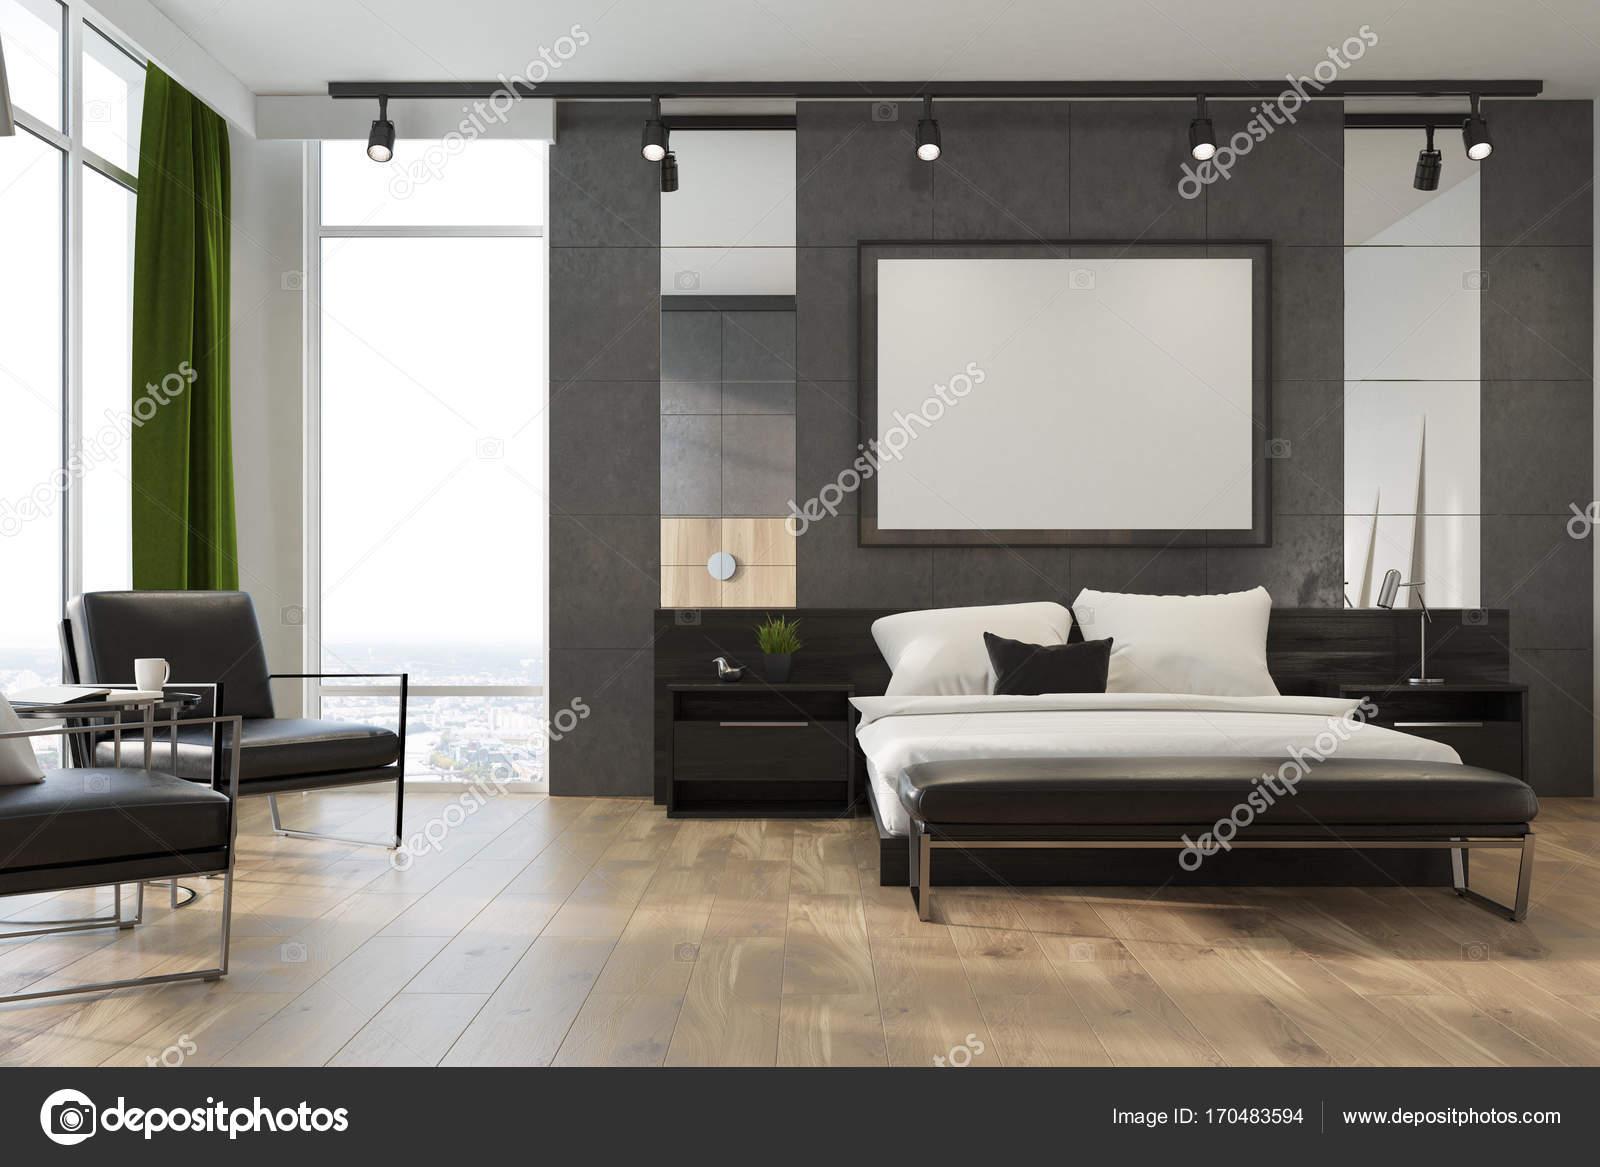 Camera da letto loft grigio lato poster foto stock denisismagilov 170483594 - Poster camera da letto ...